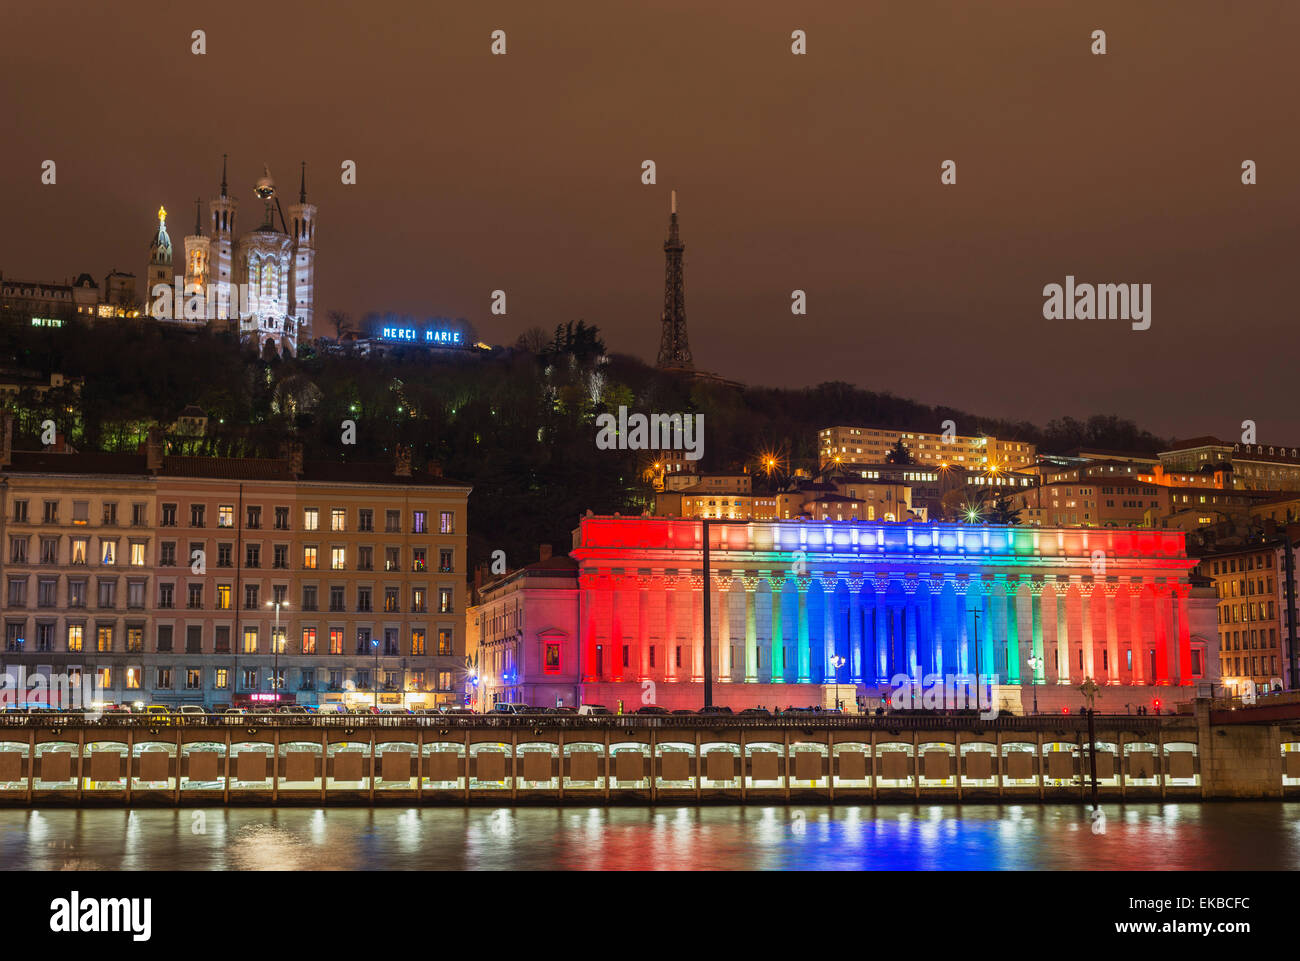 Fete des Lumieres (Festival of Lights) laser show, Basilica Notre-Dame de Fourviere, Saone River, Lyon, Rhone-Alpes, - Stock Image